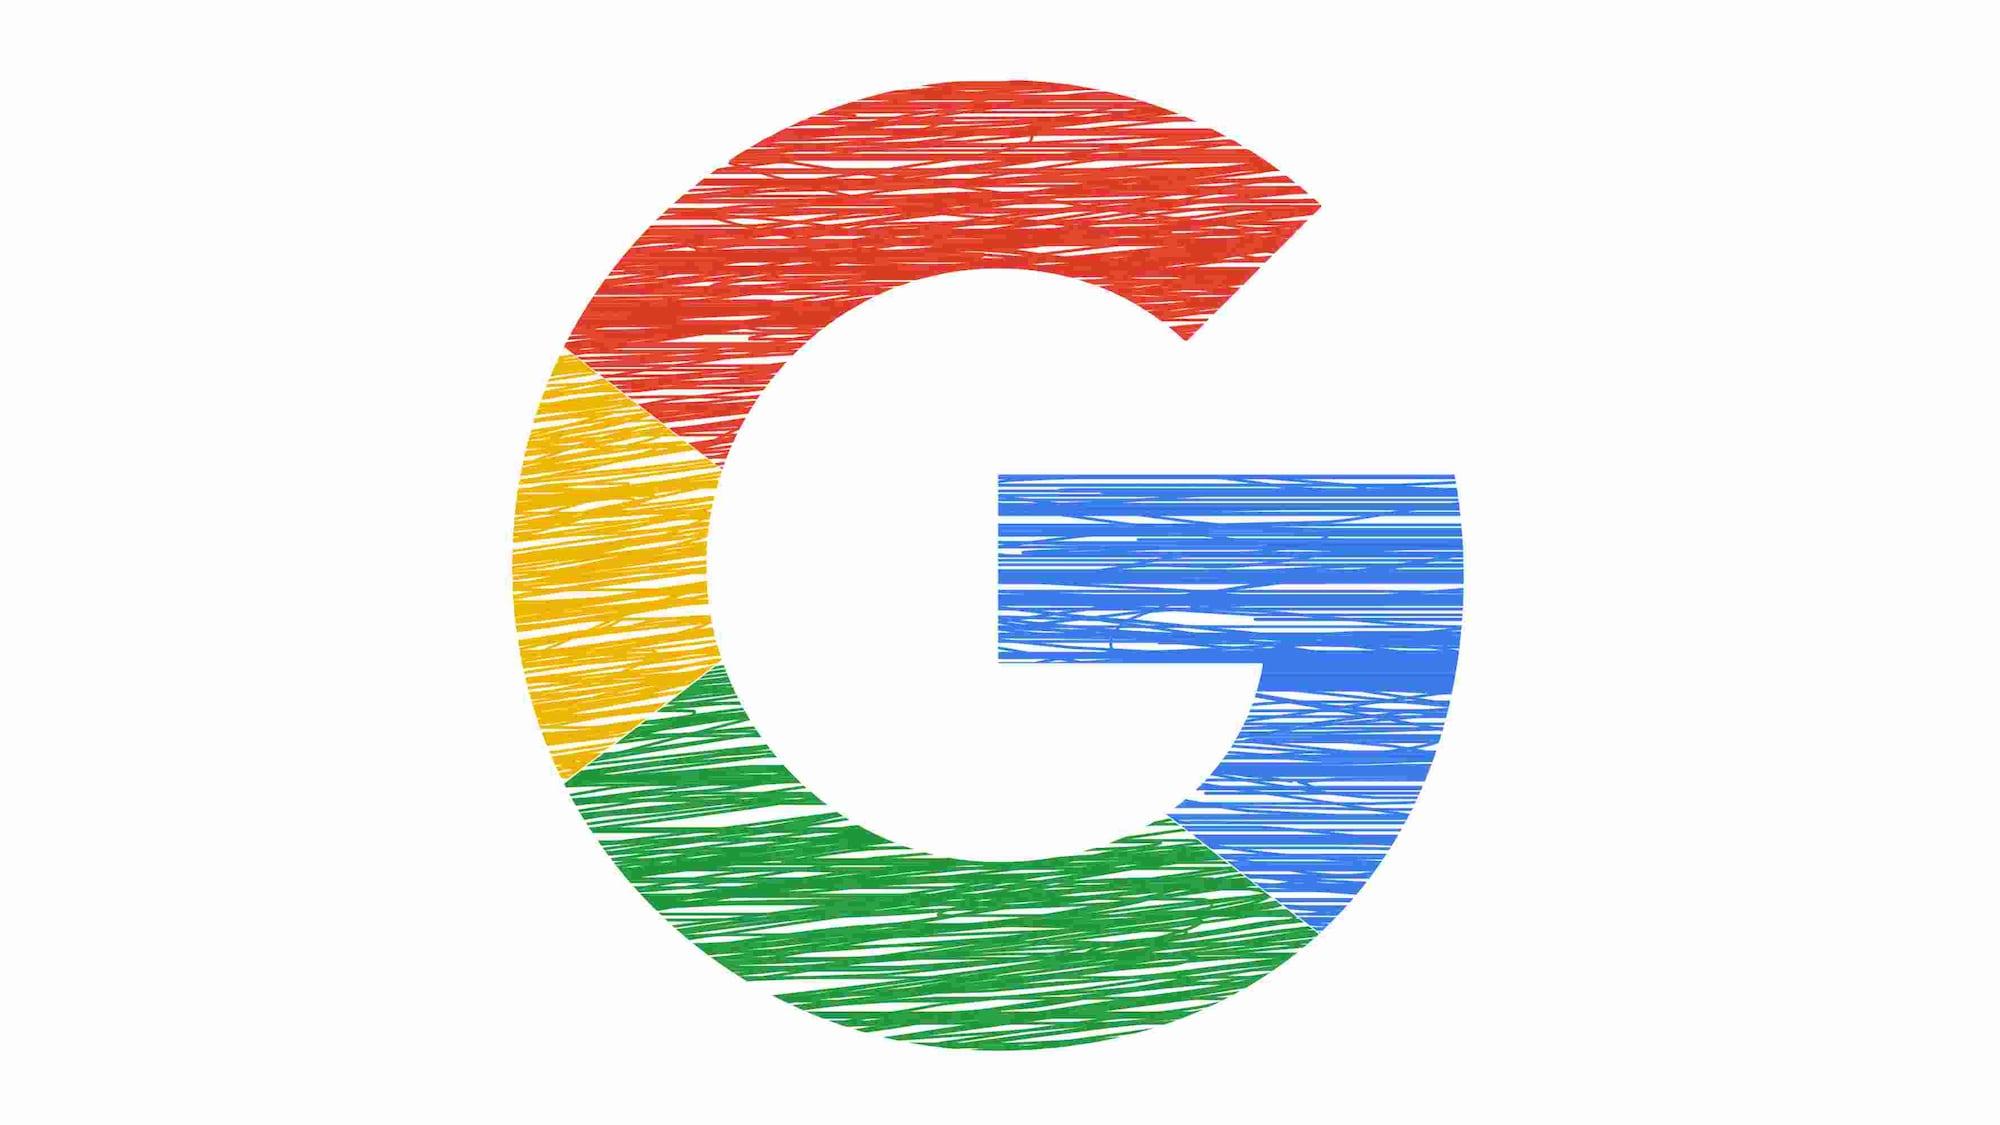 Après avoir constaté à première vue une violation présumée des normes de concurrence, CCI – début 2019 – avait ordonné une enquête détaillée contre Google.  Image: ElisaRiva via Pixabay